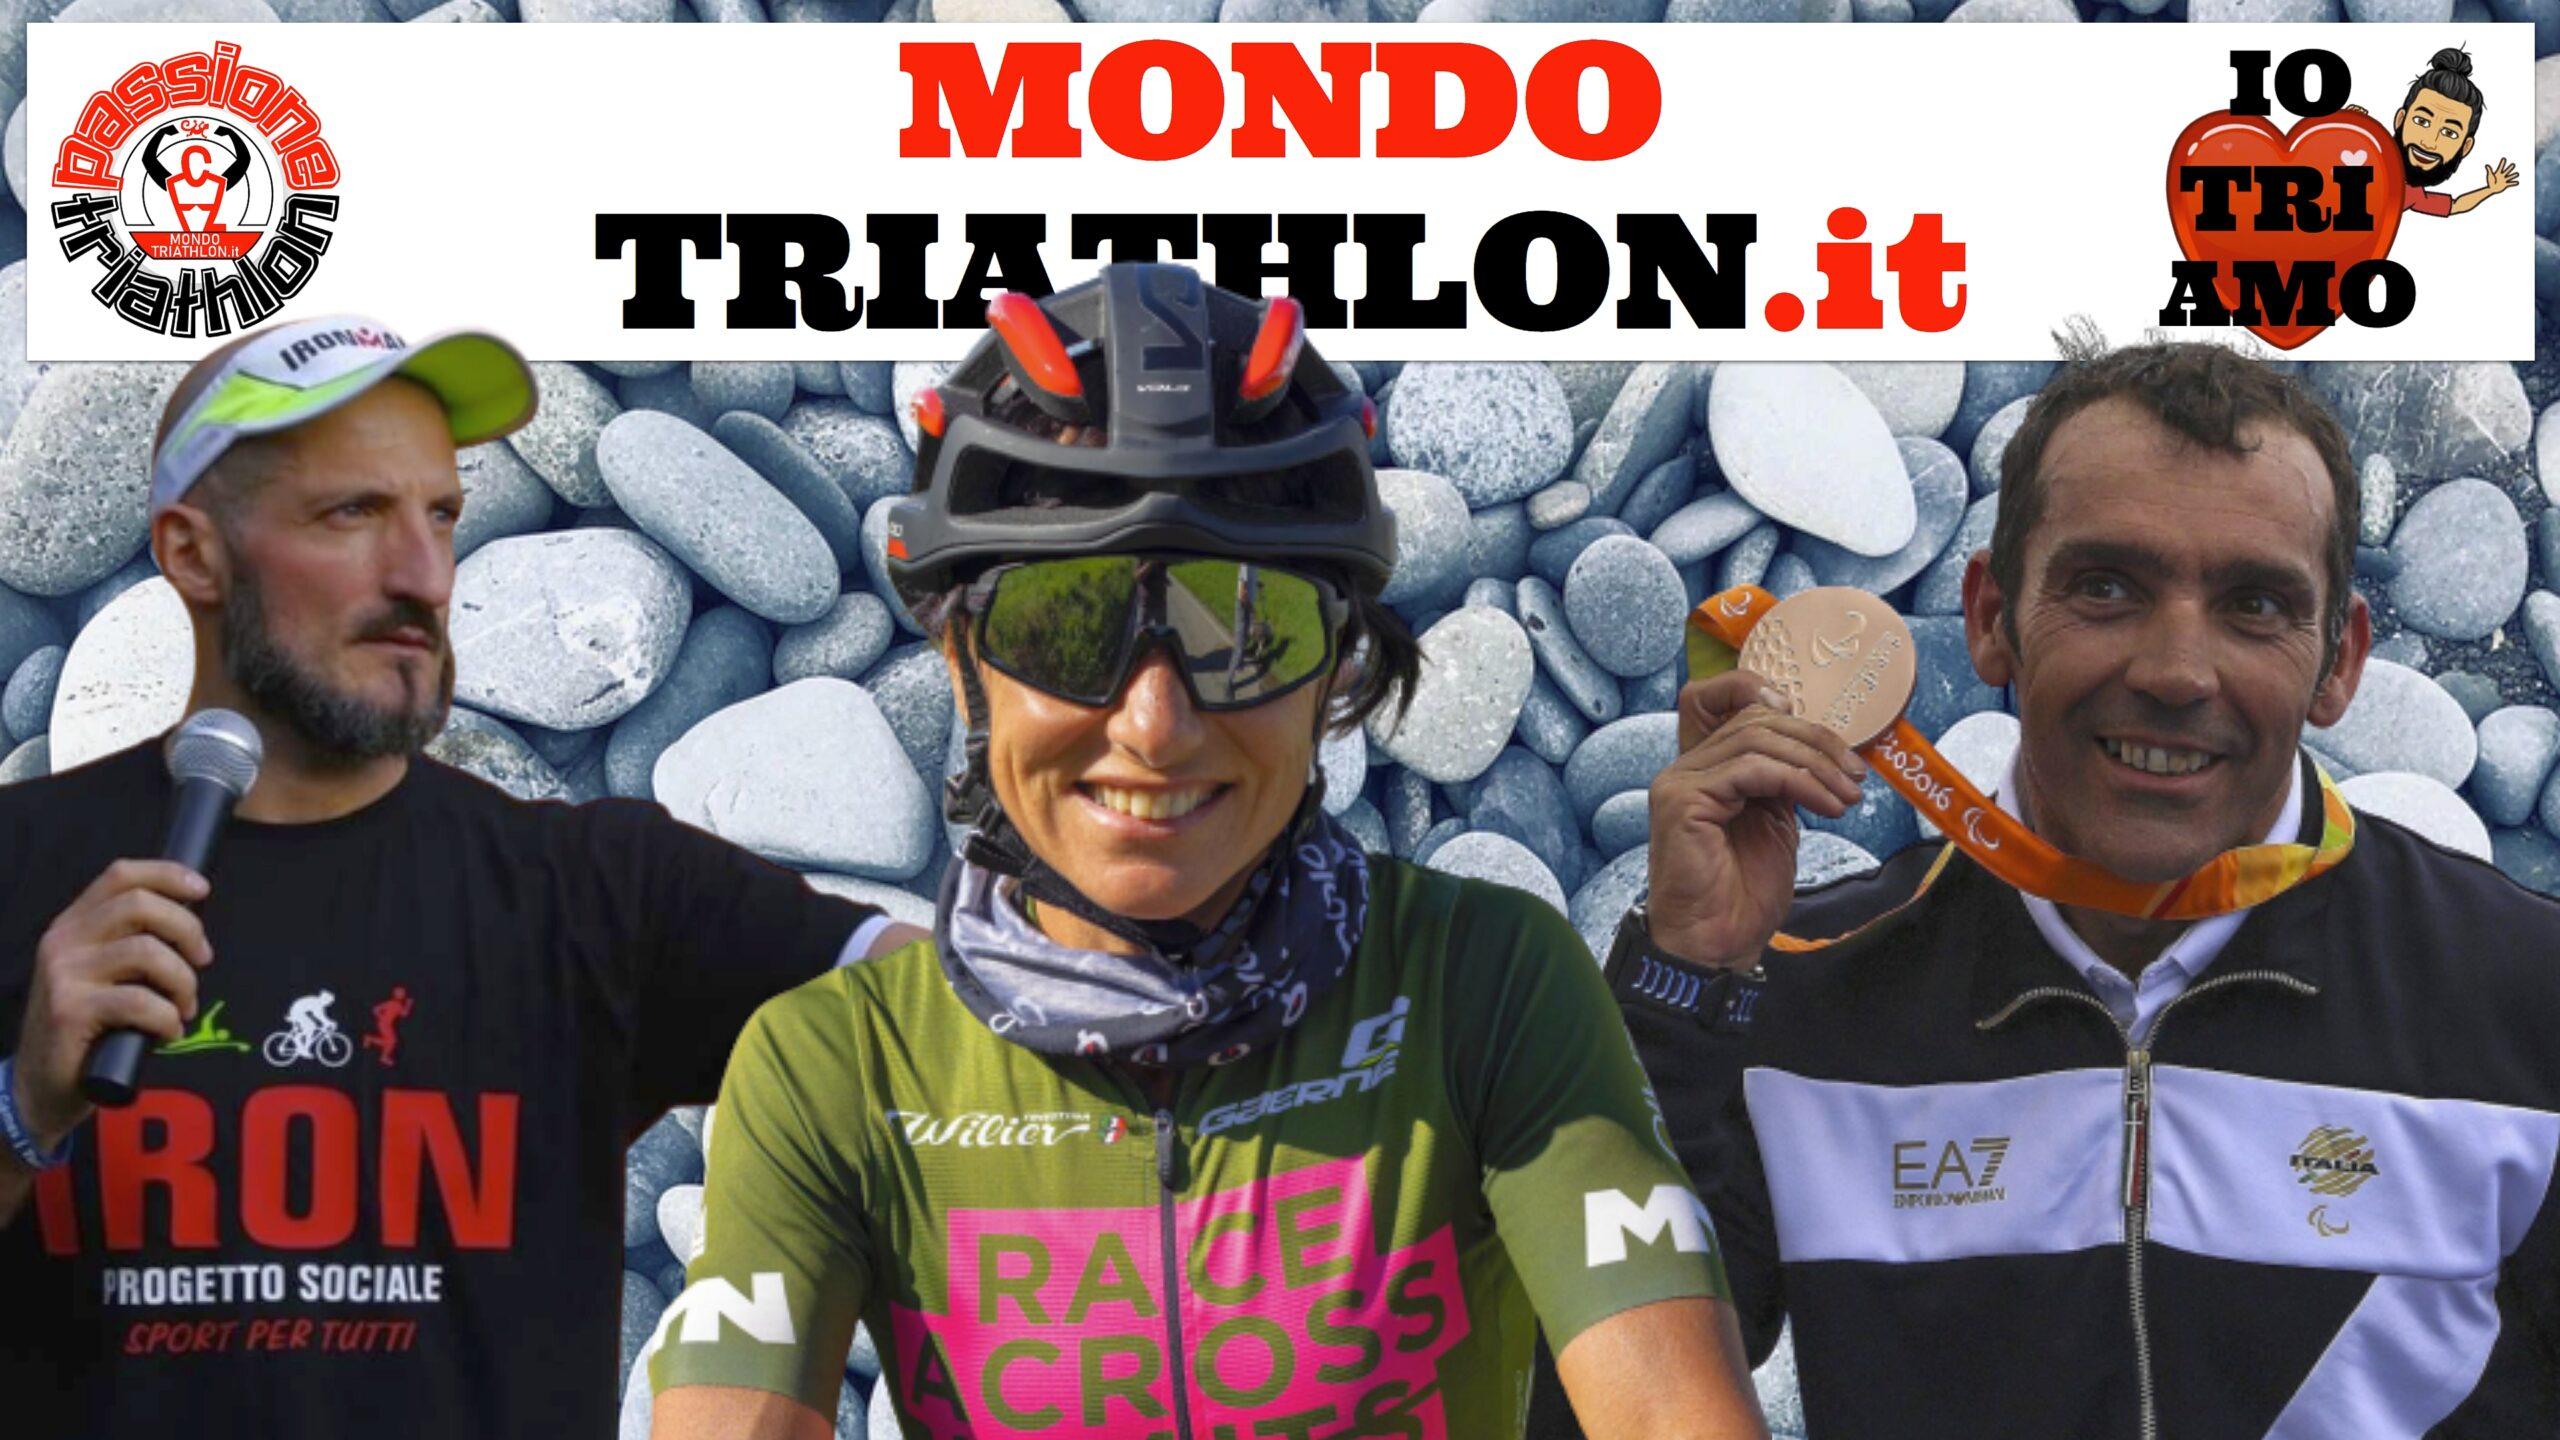 Passione Triathlon, la copertina con i protagonisti dal 24 al 28 agosto 2020: Giovanni Achenza, Sabrina Schillaci e Mauro Progetto Iron